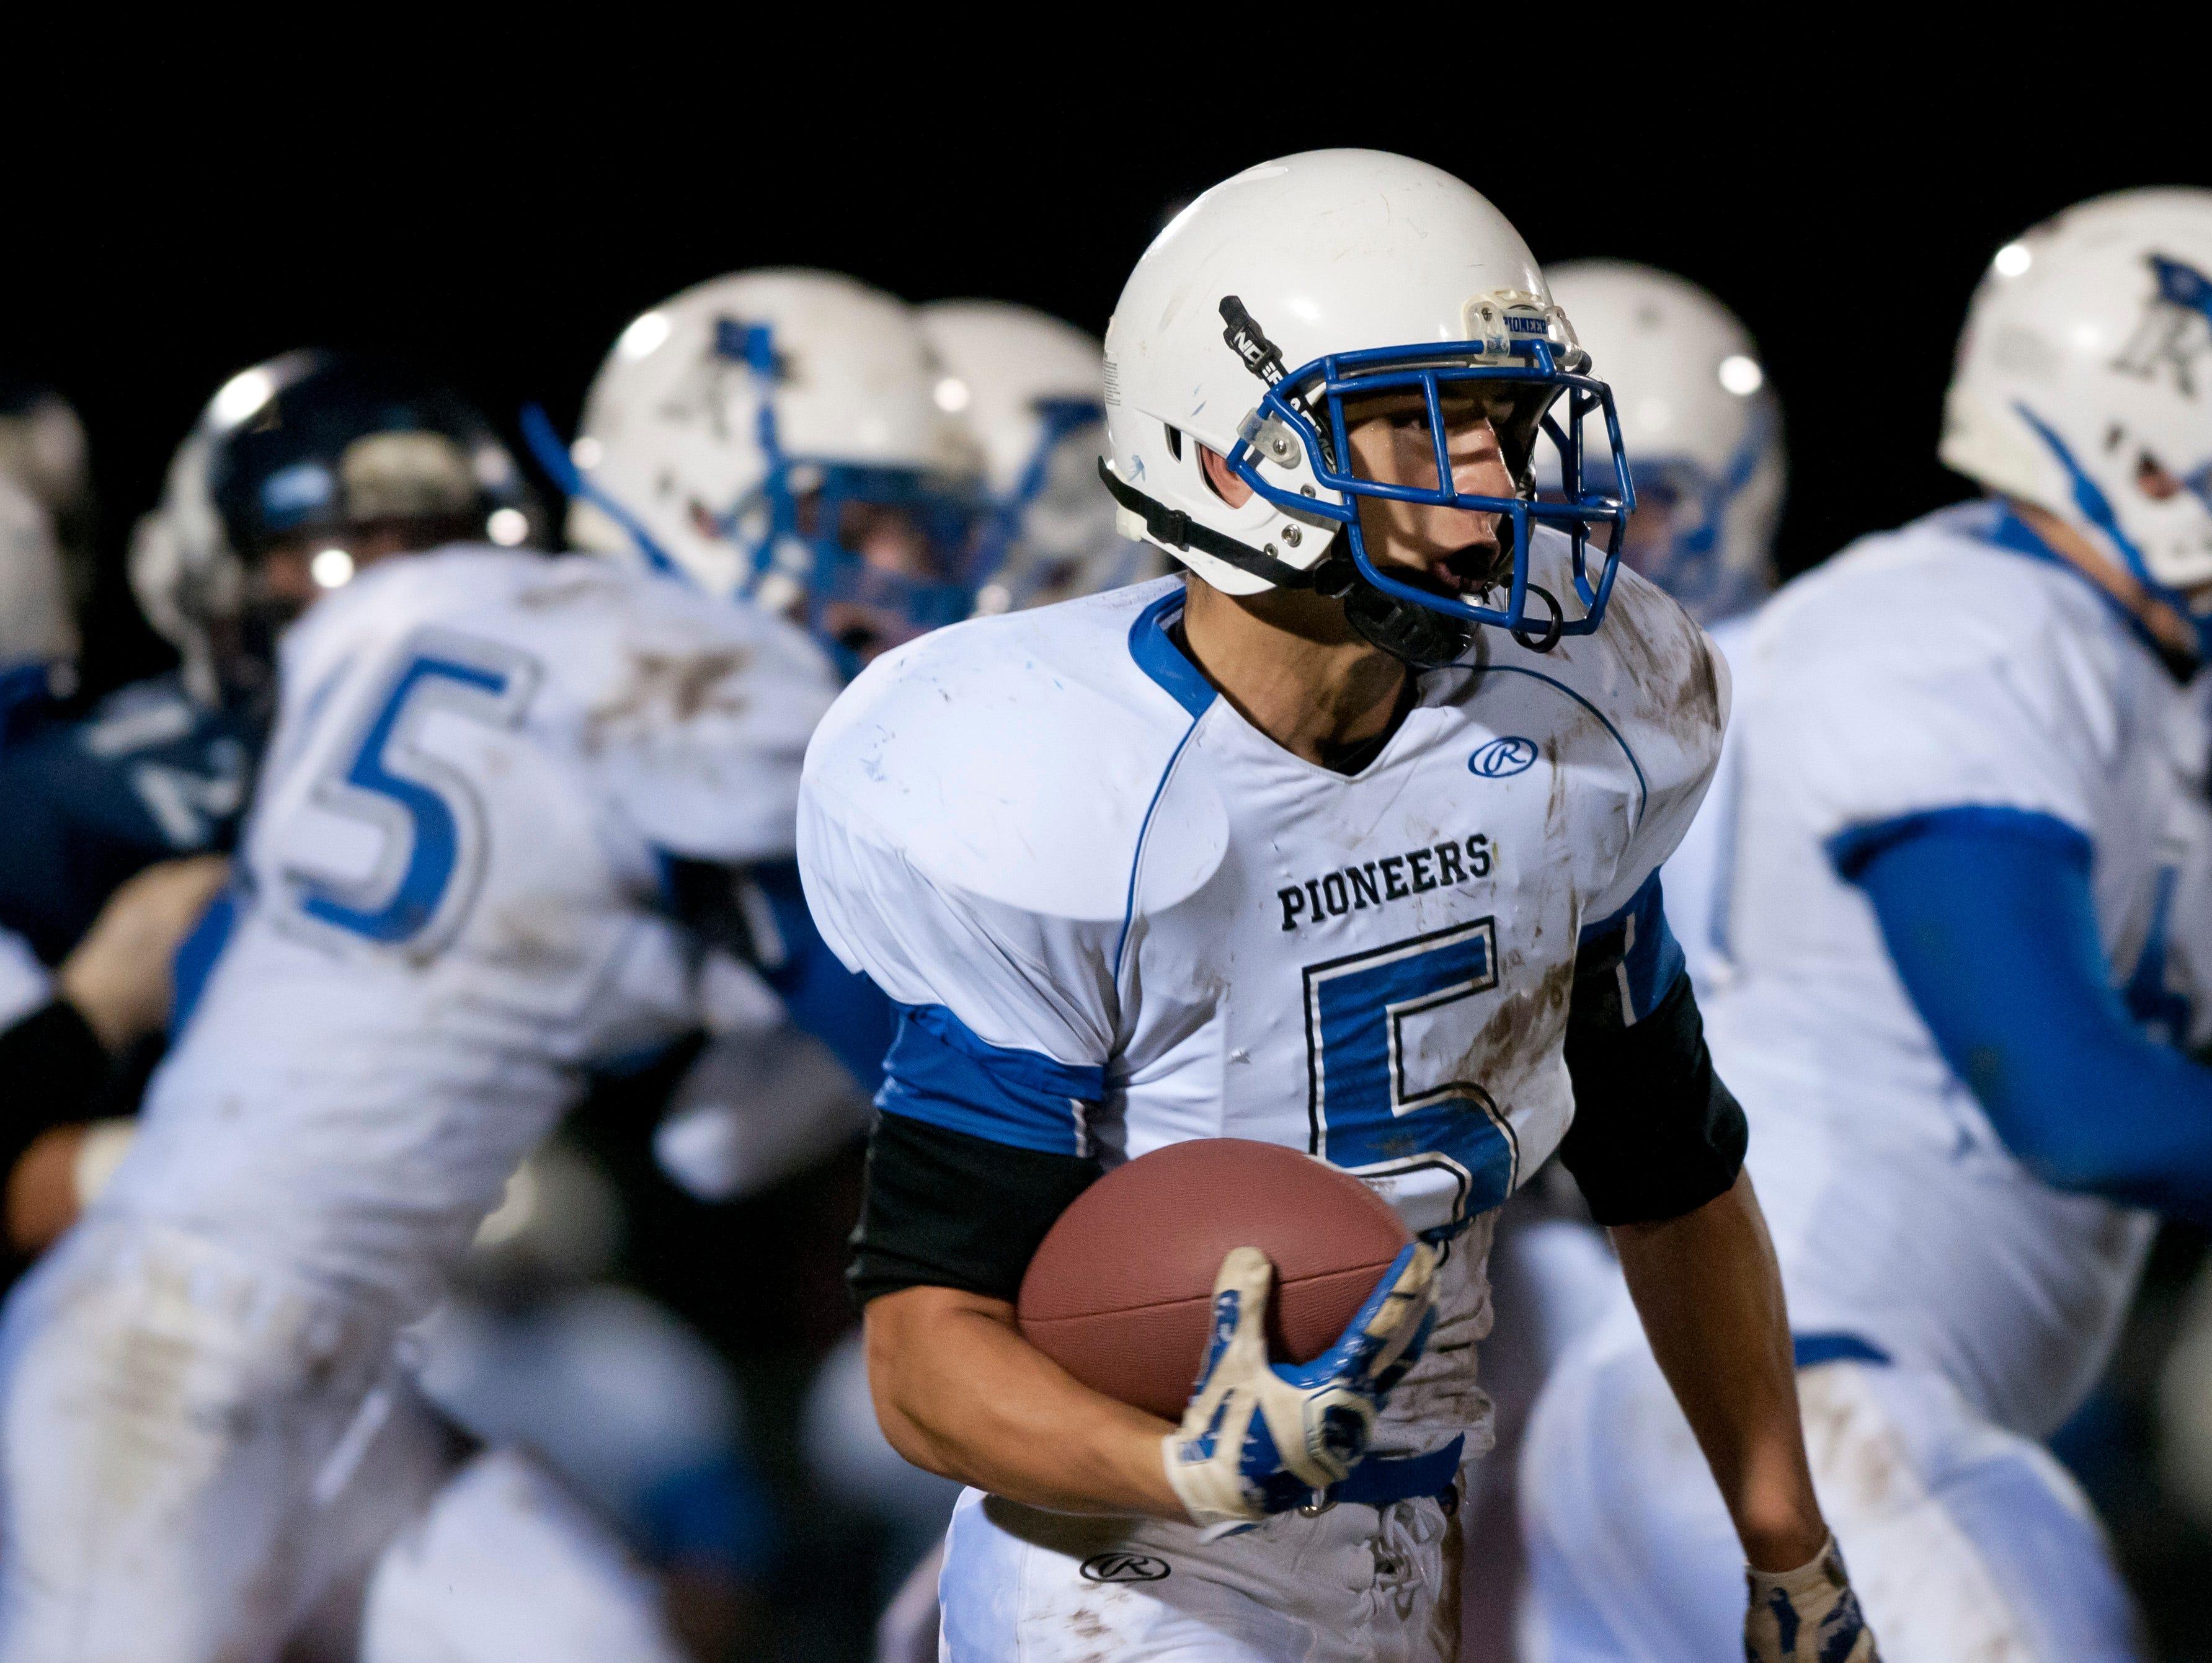 Cros-Lex's Matt Kettlewell runs the ball during a football game Friday, October 30, 2015 at Richmond High School.